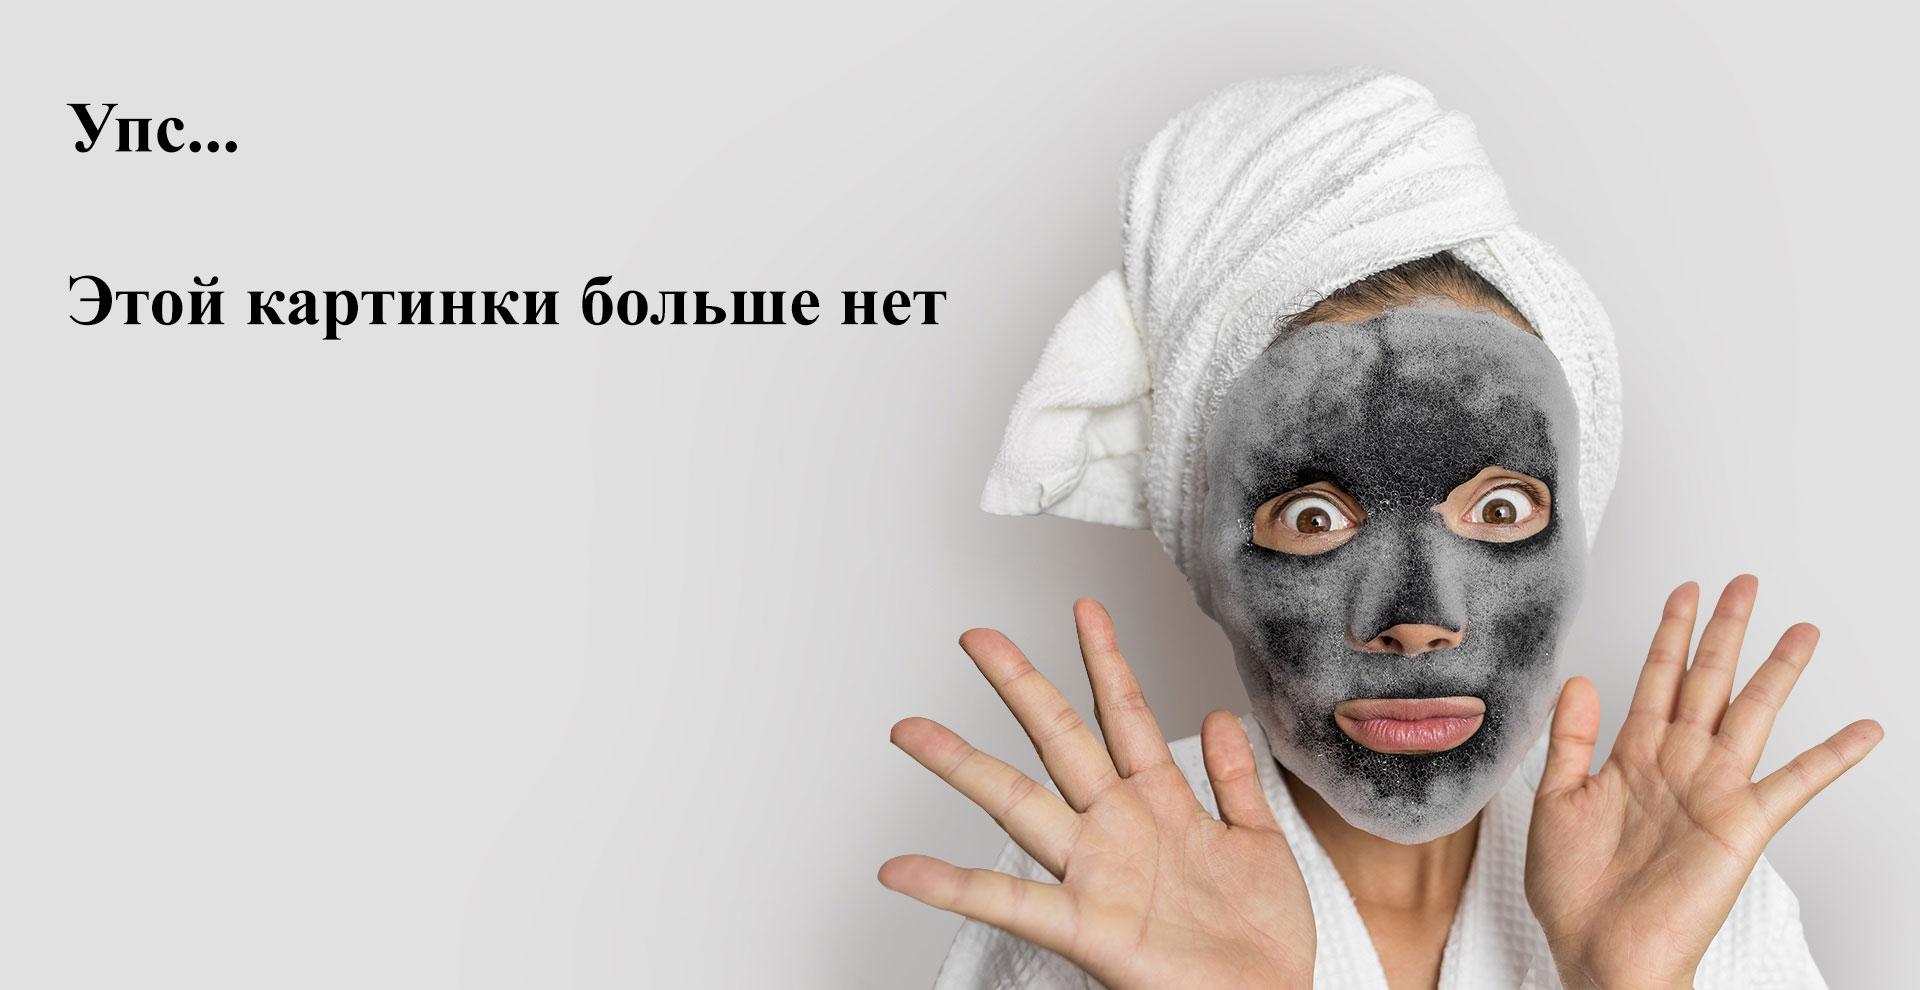 OLLIN, Сыворотка BioNika «Против выпадения волос», 10х15 мл